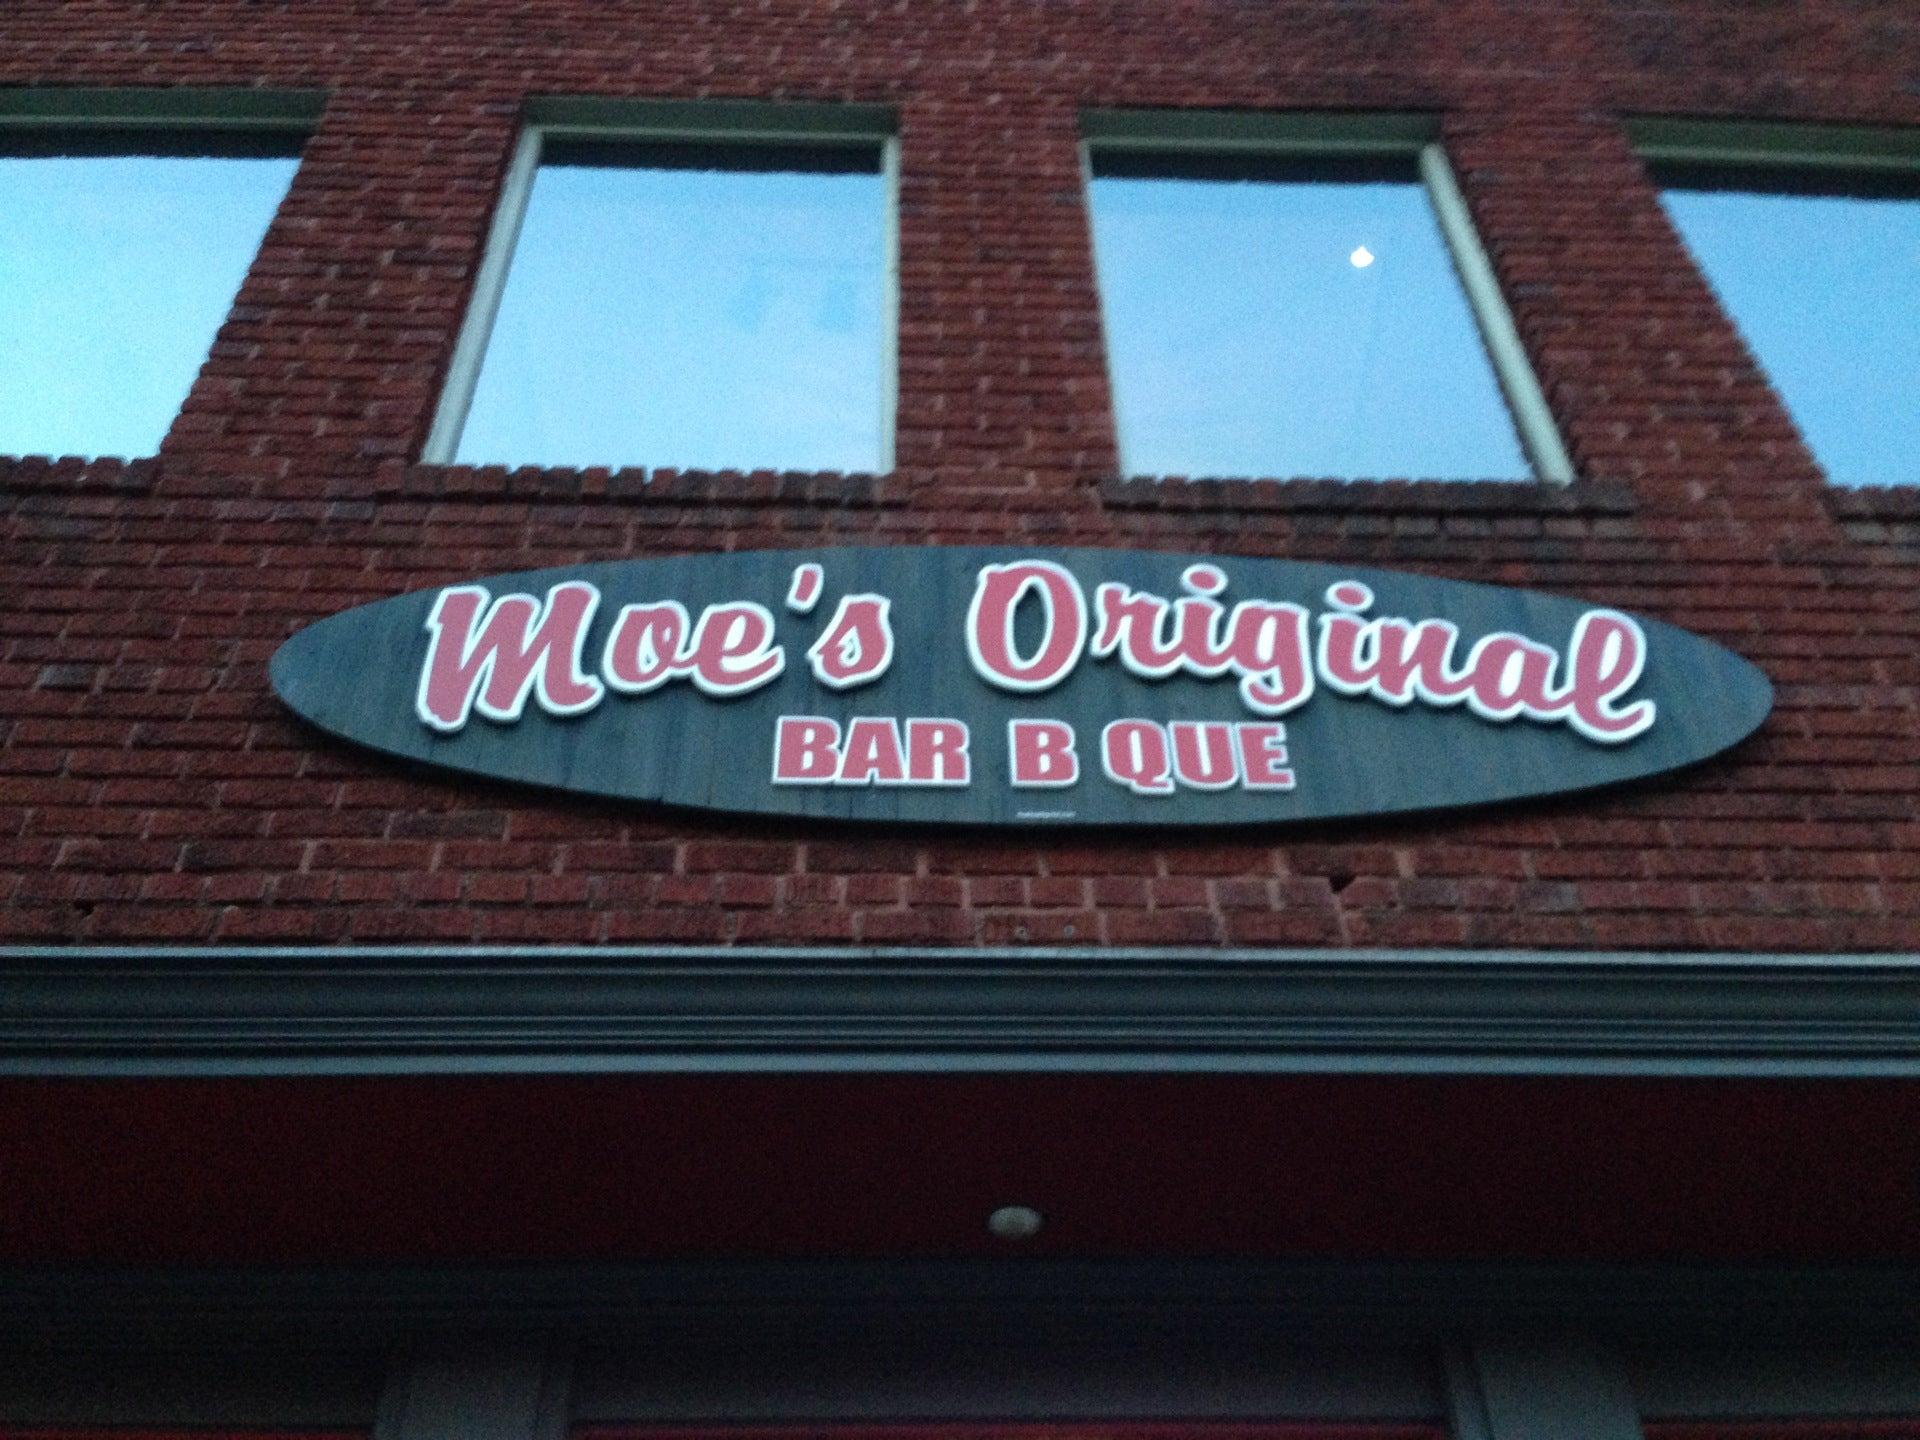 Moe's Original Bar B Que,